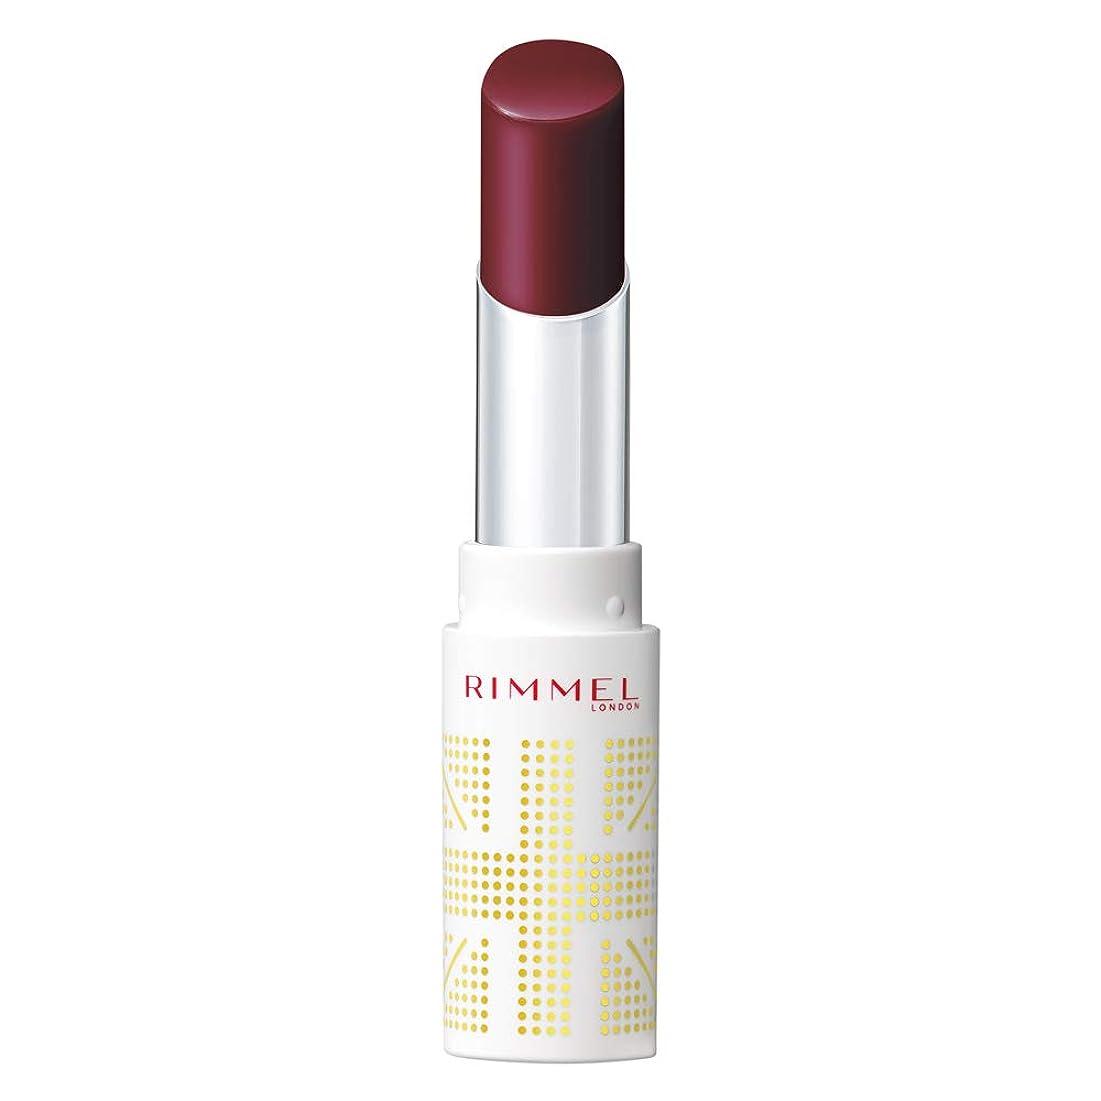 ボイド発掘主流Rimmel (リンメル) リンメル ラスティングフィニッシュ オイルティントリップ 006 バーガンディ 3.8g 口紅